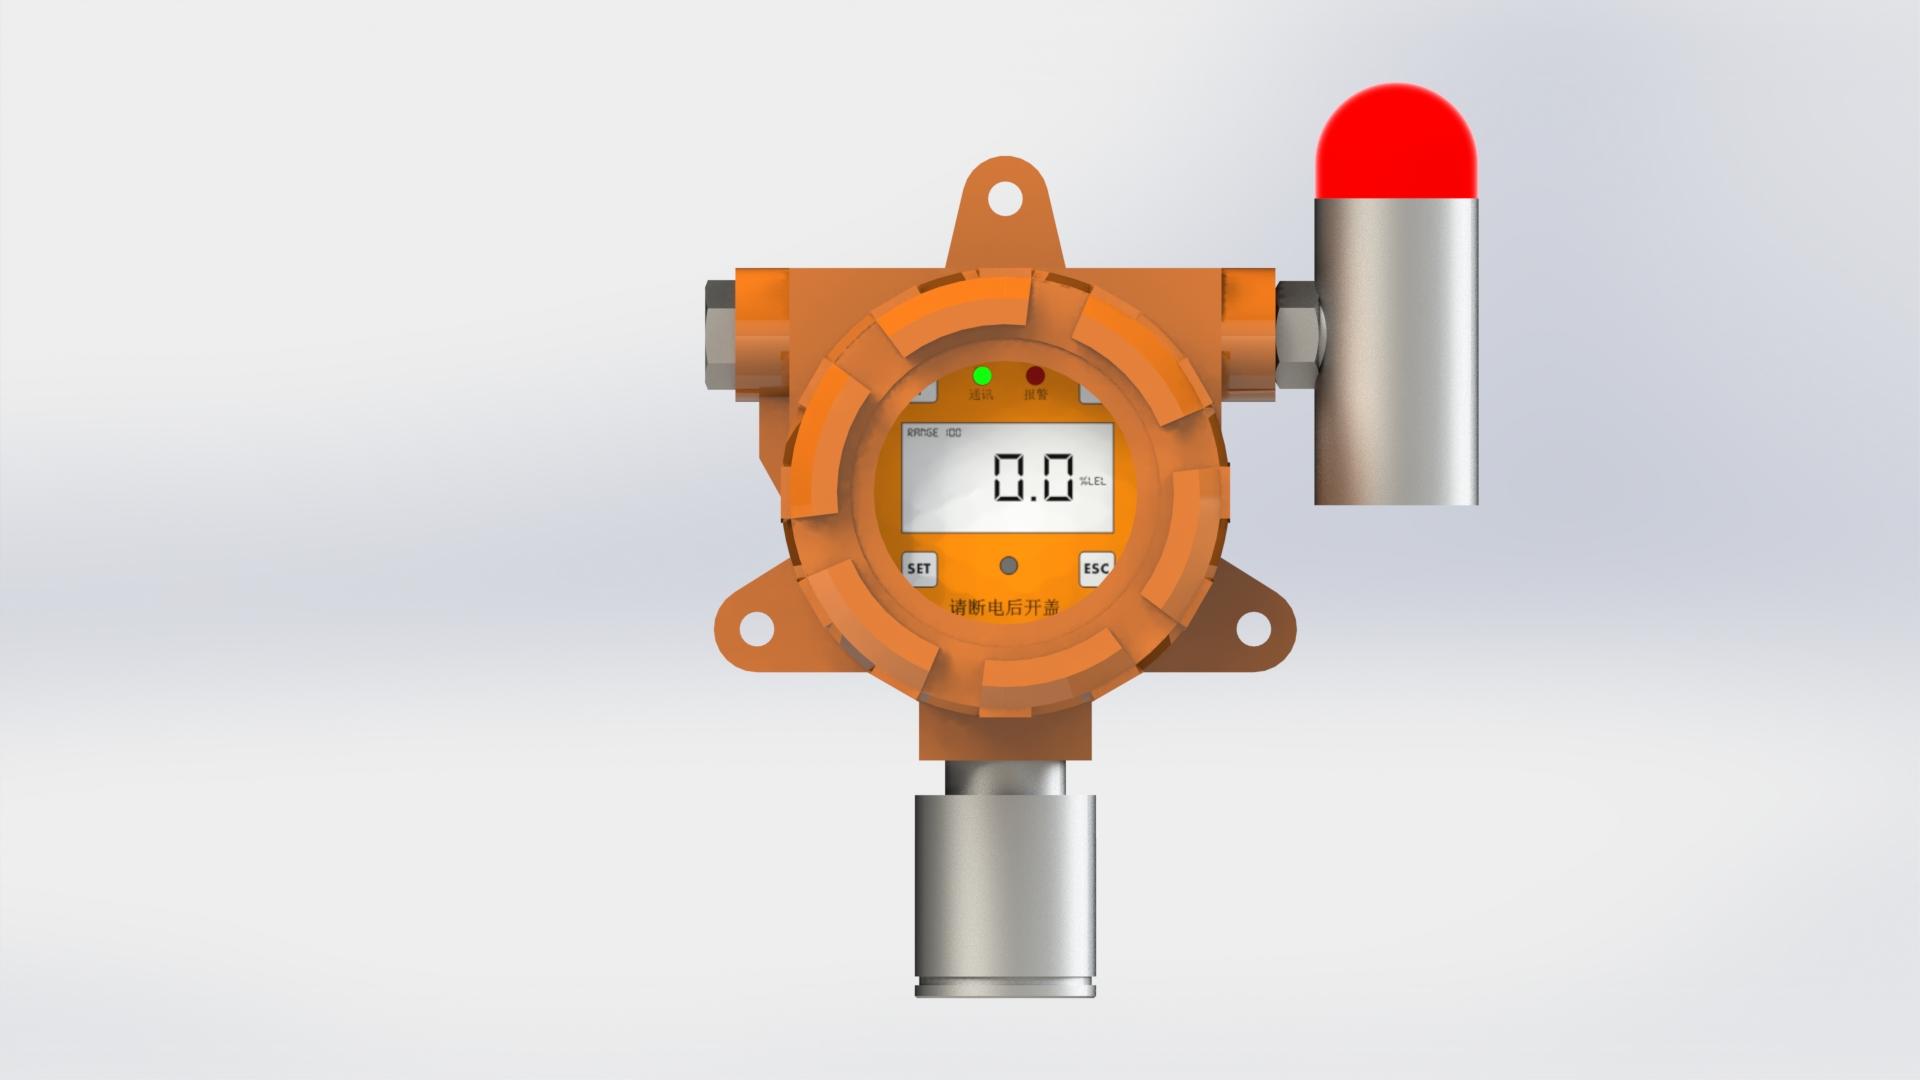 SH200-CL2-D氯气检测仪 氯气检测仪厂家